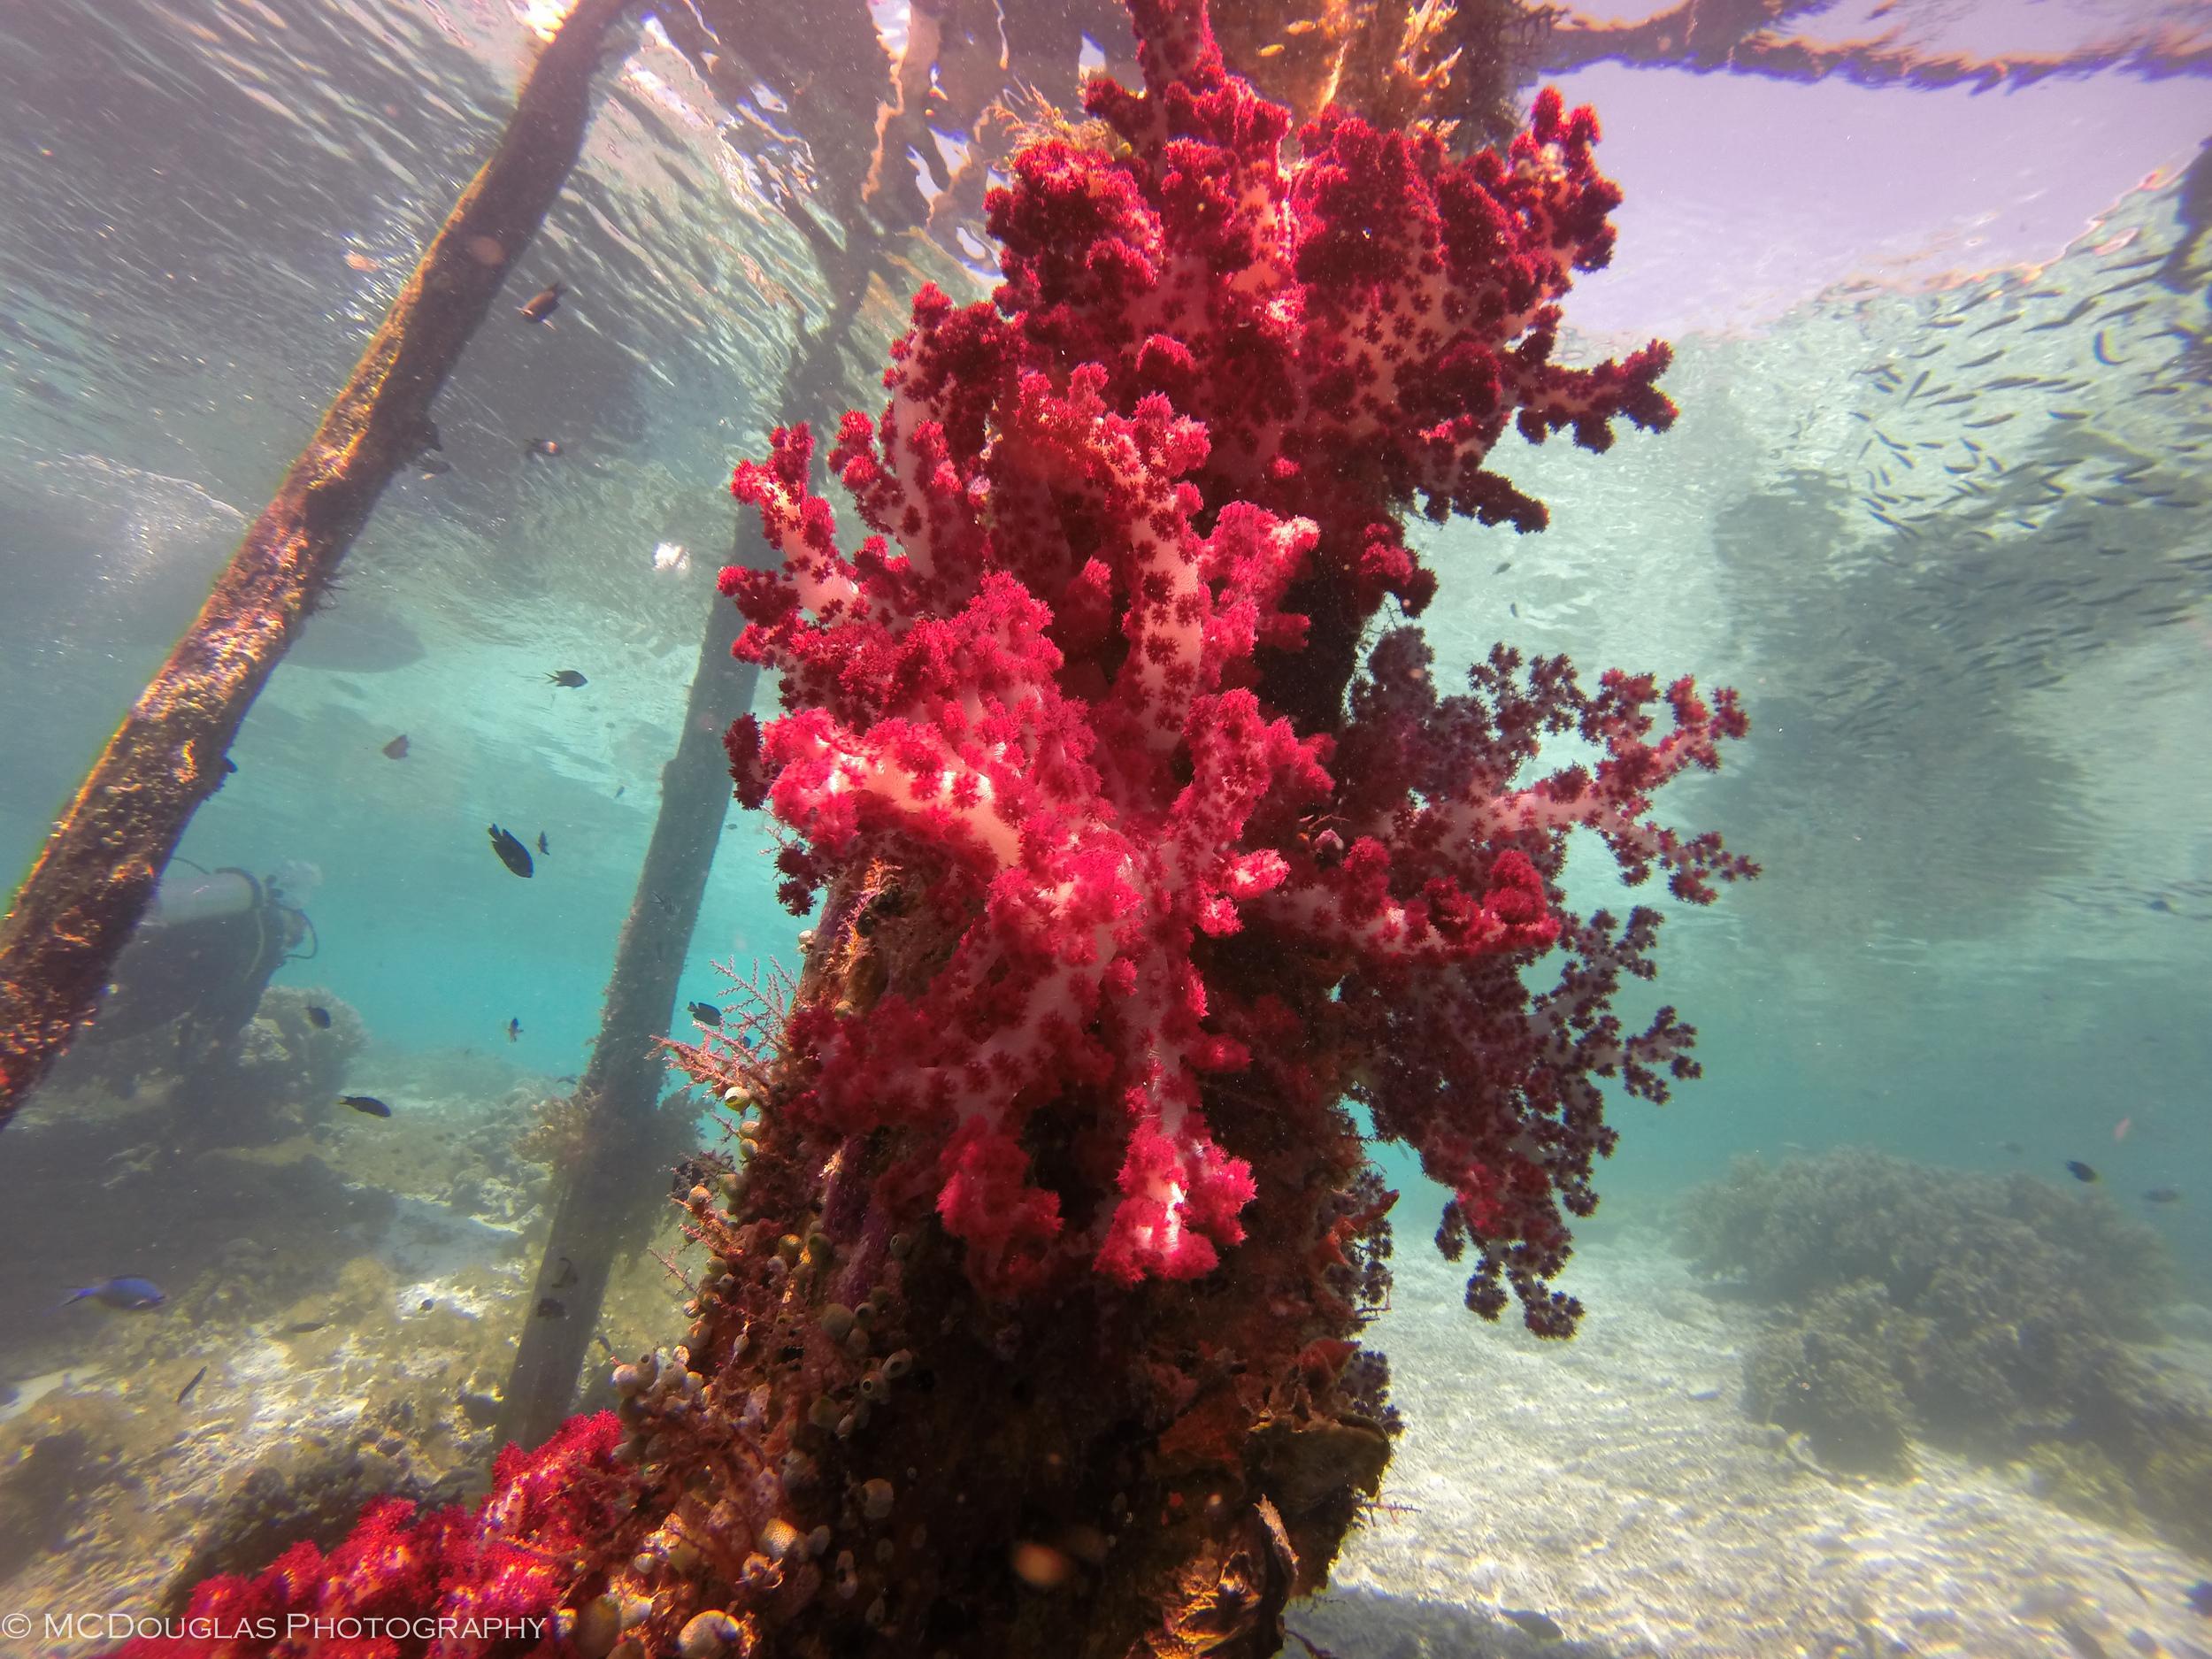 Underwater-0363.jpg